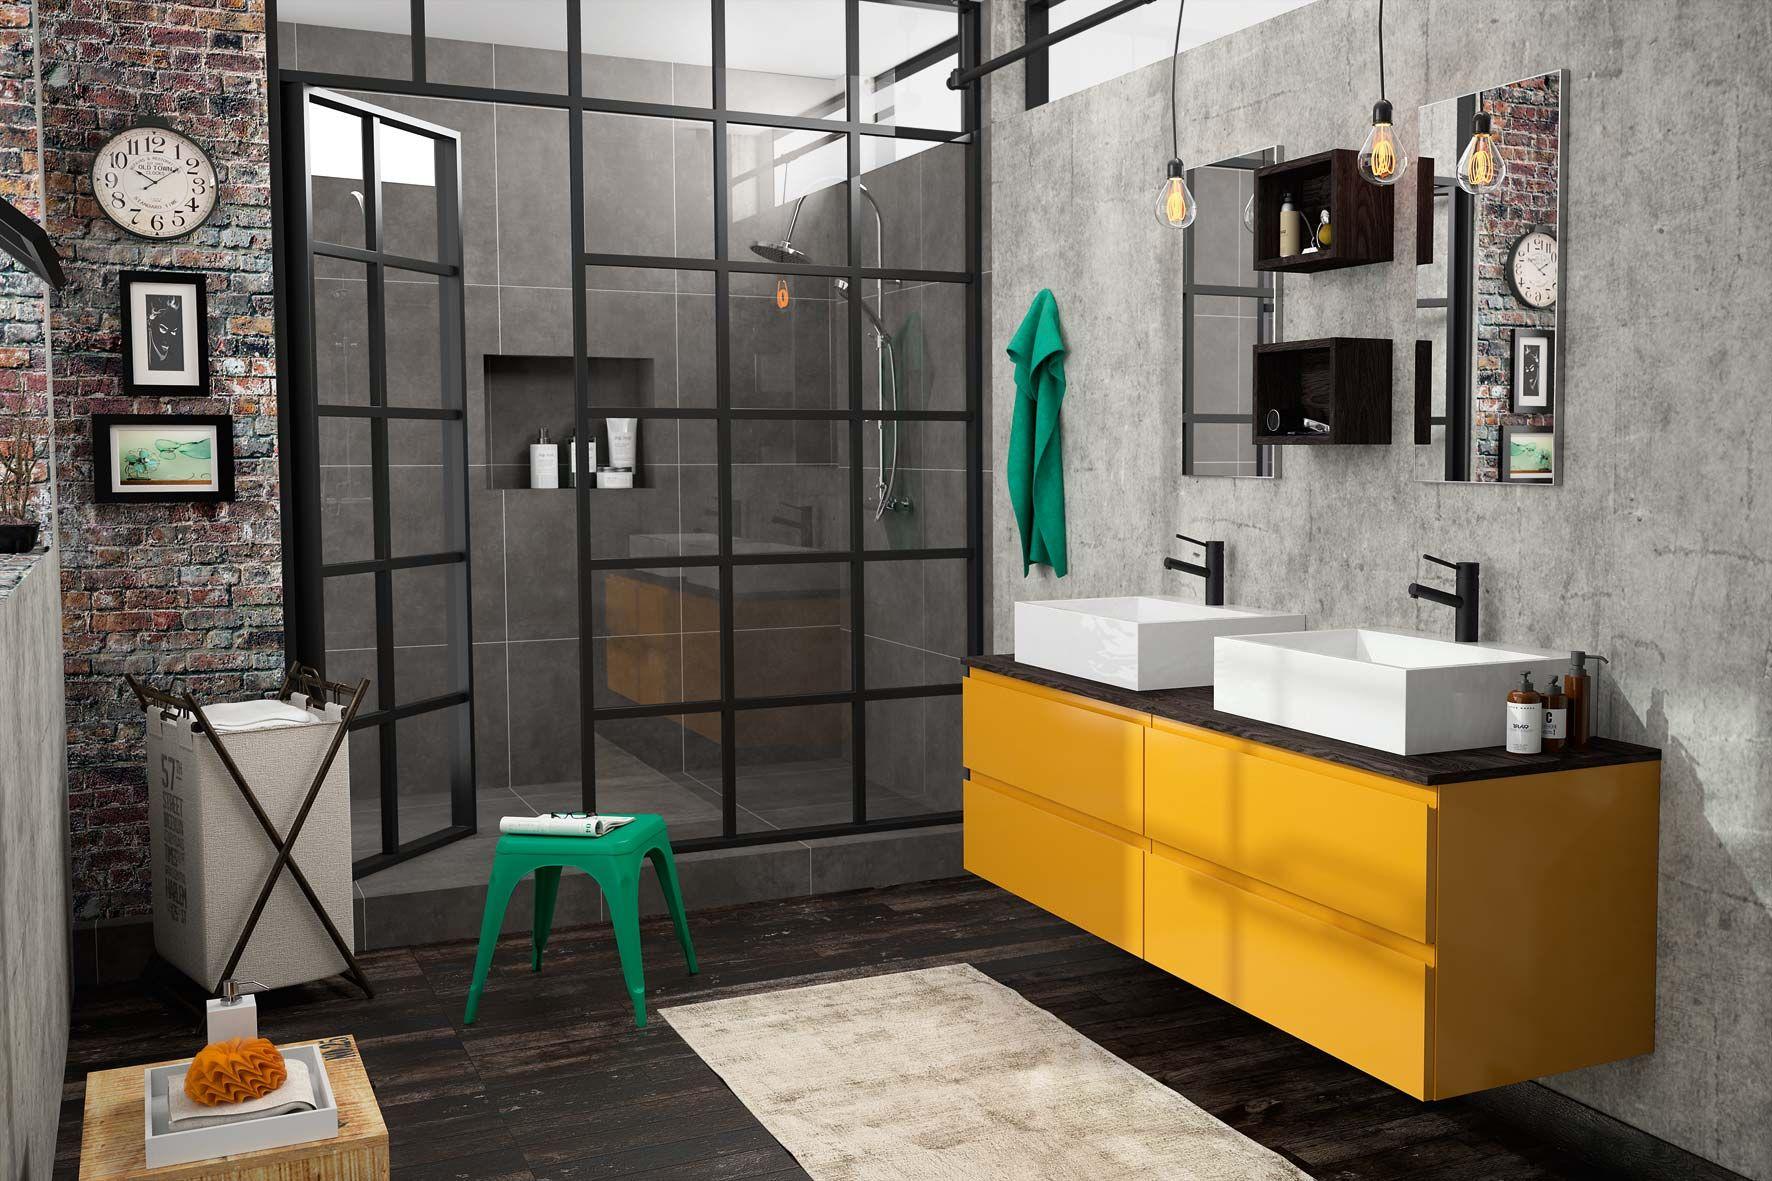 Meuble de salle de bain Cedam - Gamme Gloss - meuble jaune ...